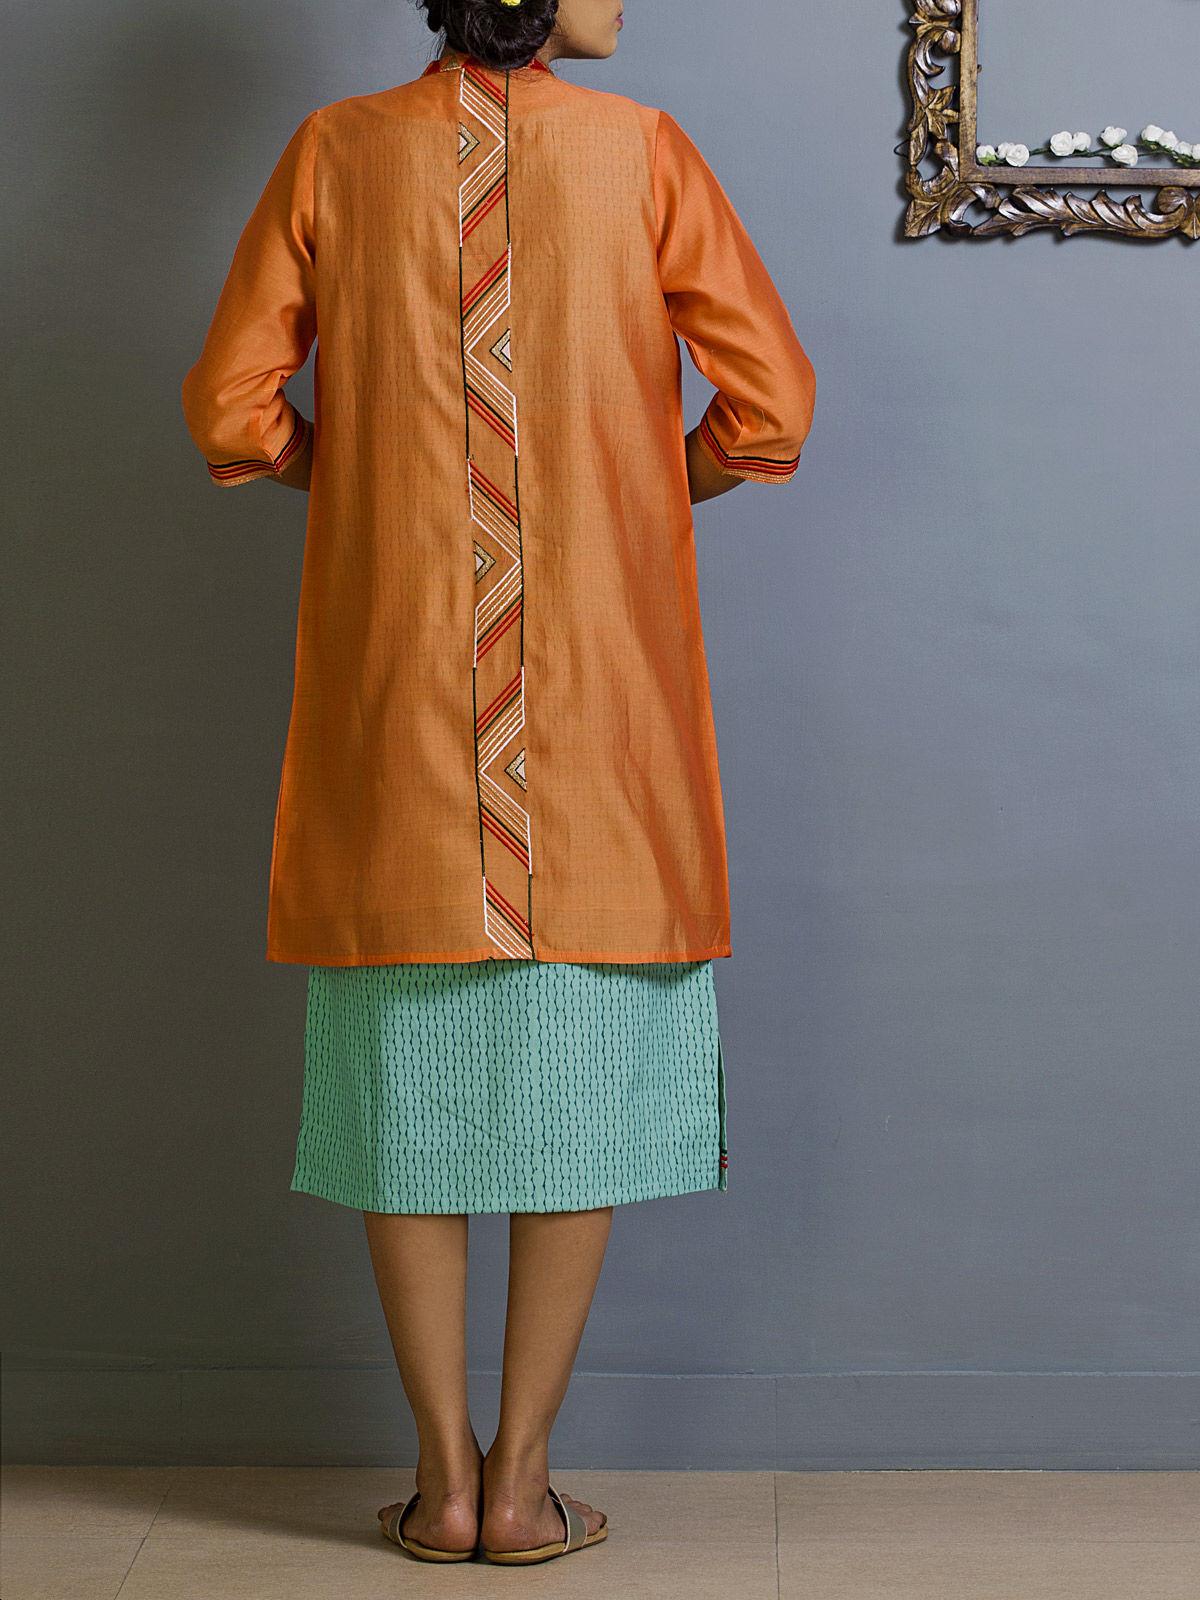 Tangerine Chanderi Overlay